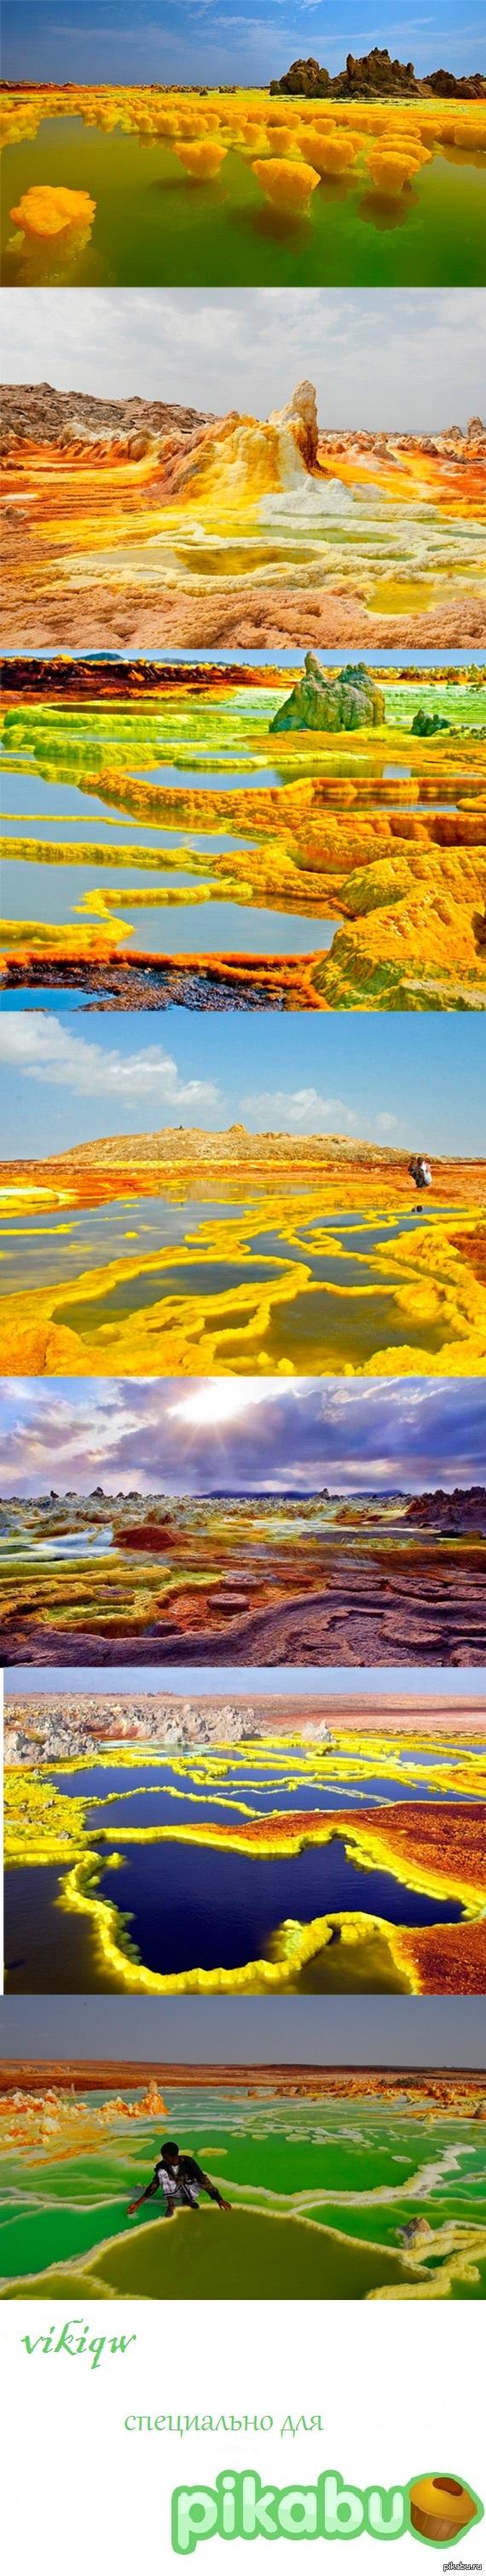 Самое жаркое место на планете — вулкан Даллол, Эфиопия Вулкан известен своими внеземными пейзажами напоминающими Ио, спутник планеты Юпитер